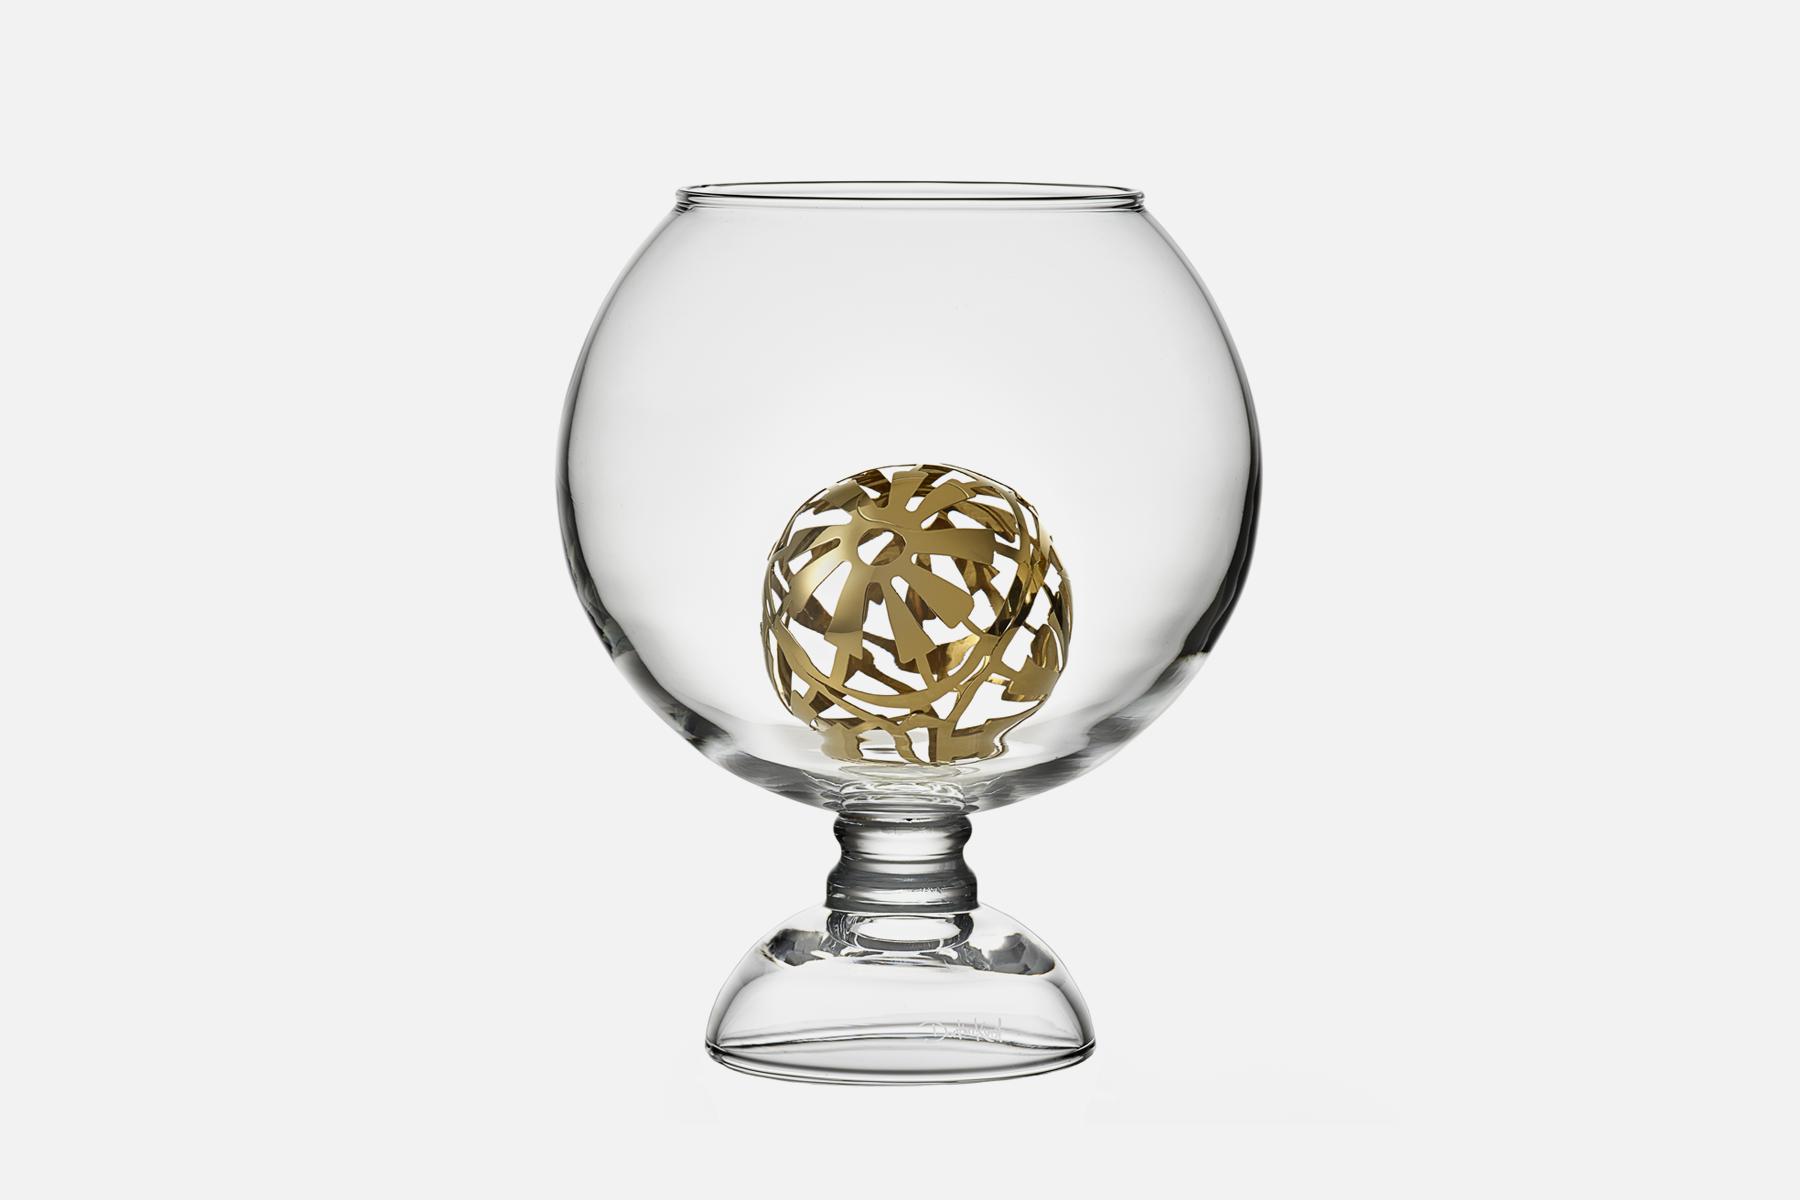 Lush & Lovely vase - 1 stk, 23,5 cmGlas og stålDesign by Dorthe KvistArt. nr.:90430